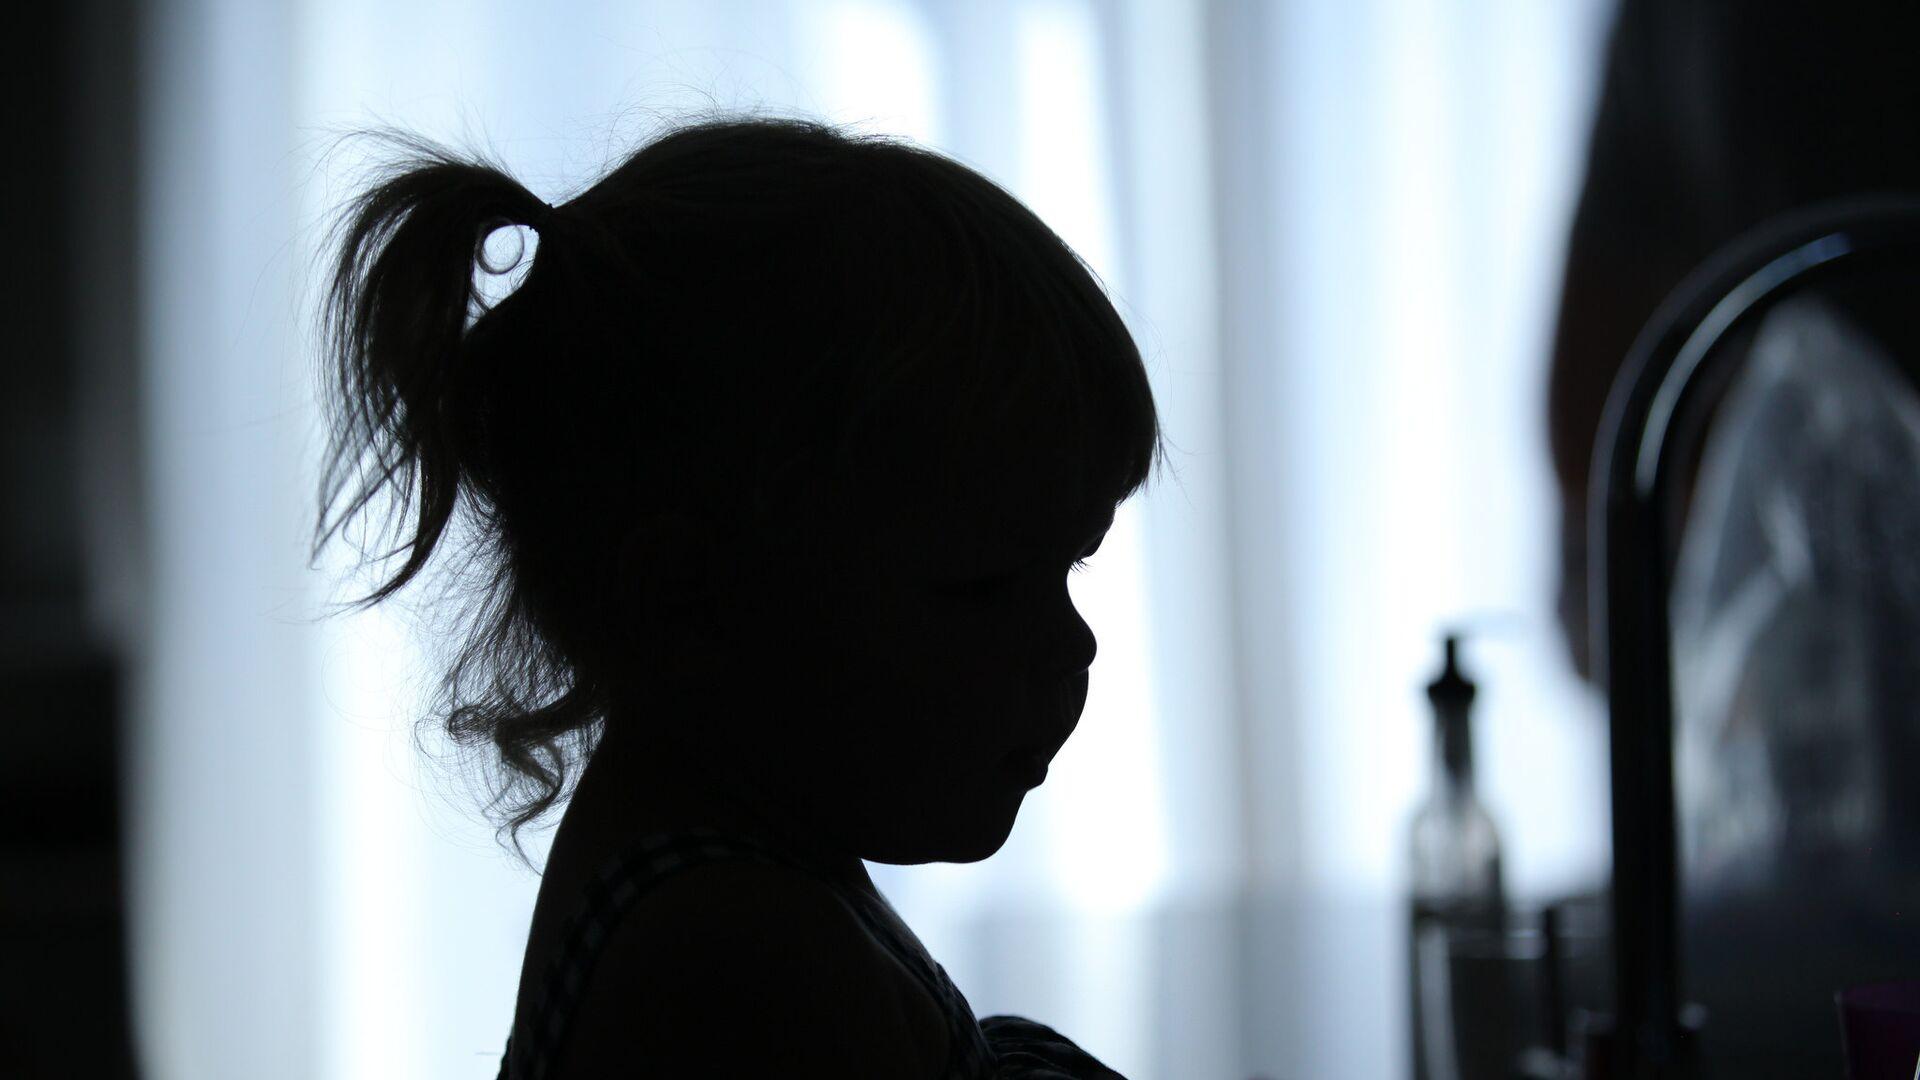 Una niña (imagen referencial) - Sputnik Mundo, 1920, 16.02.2021